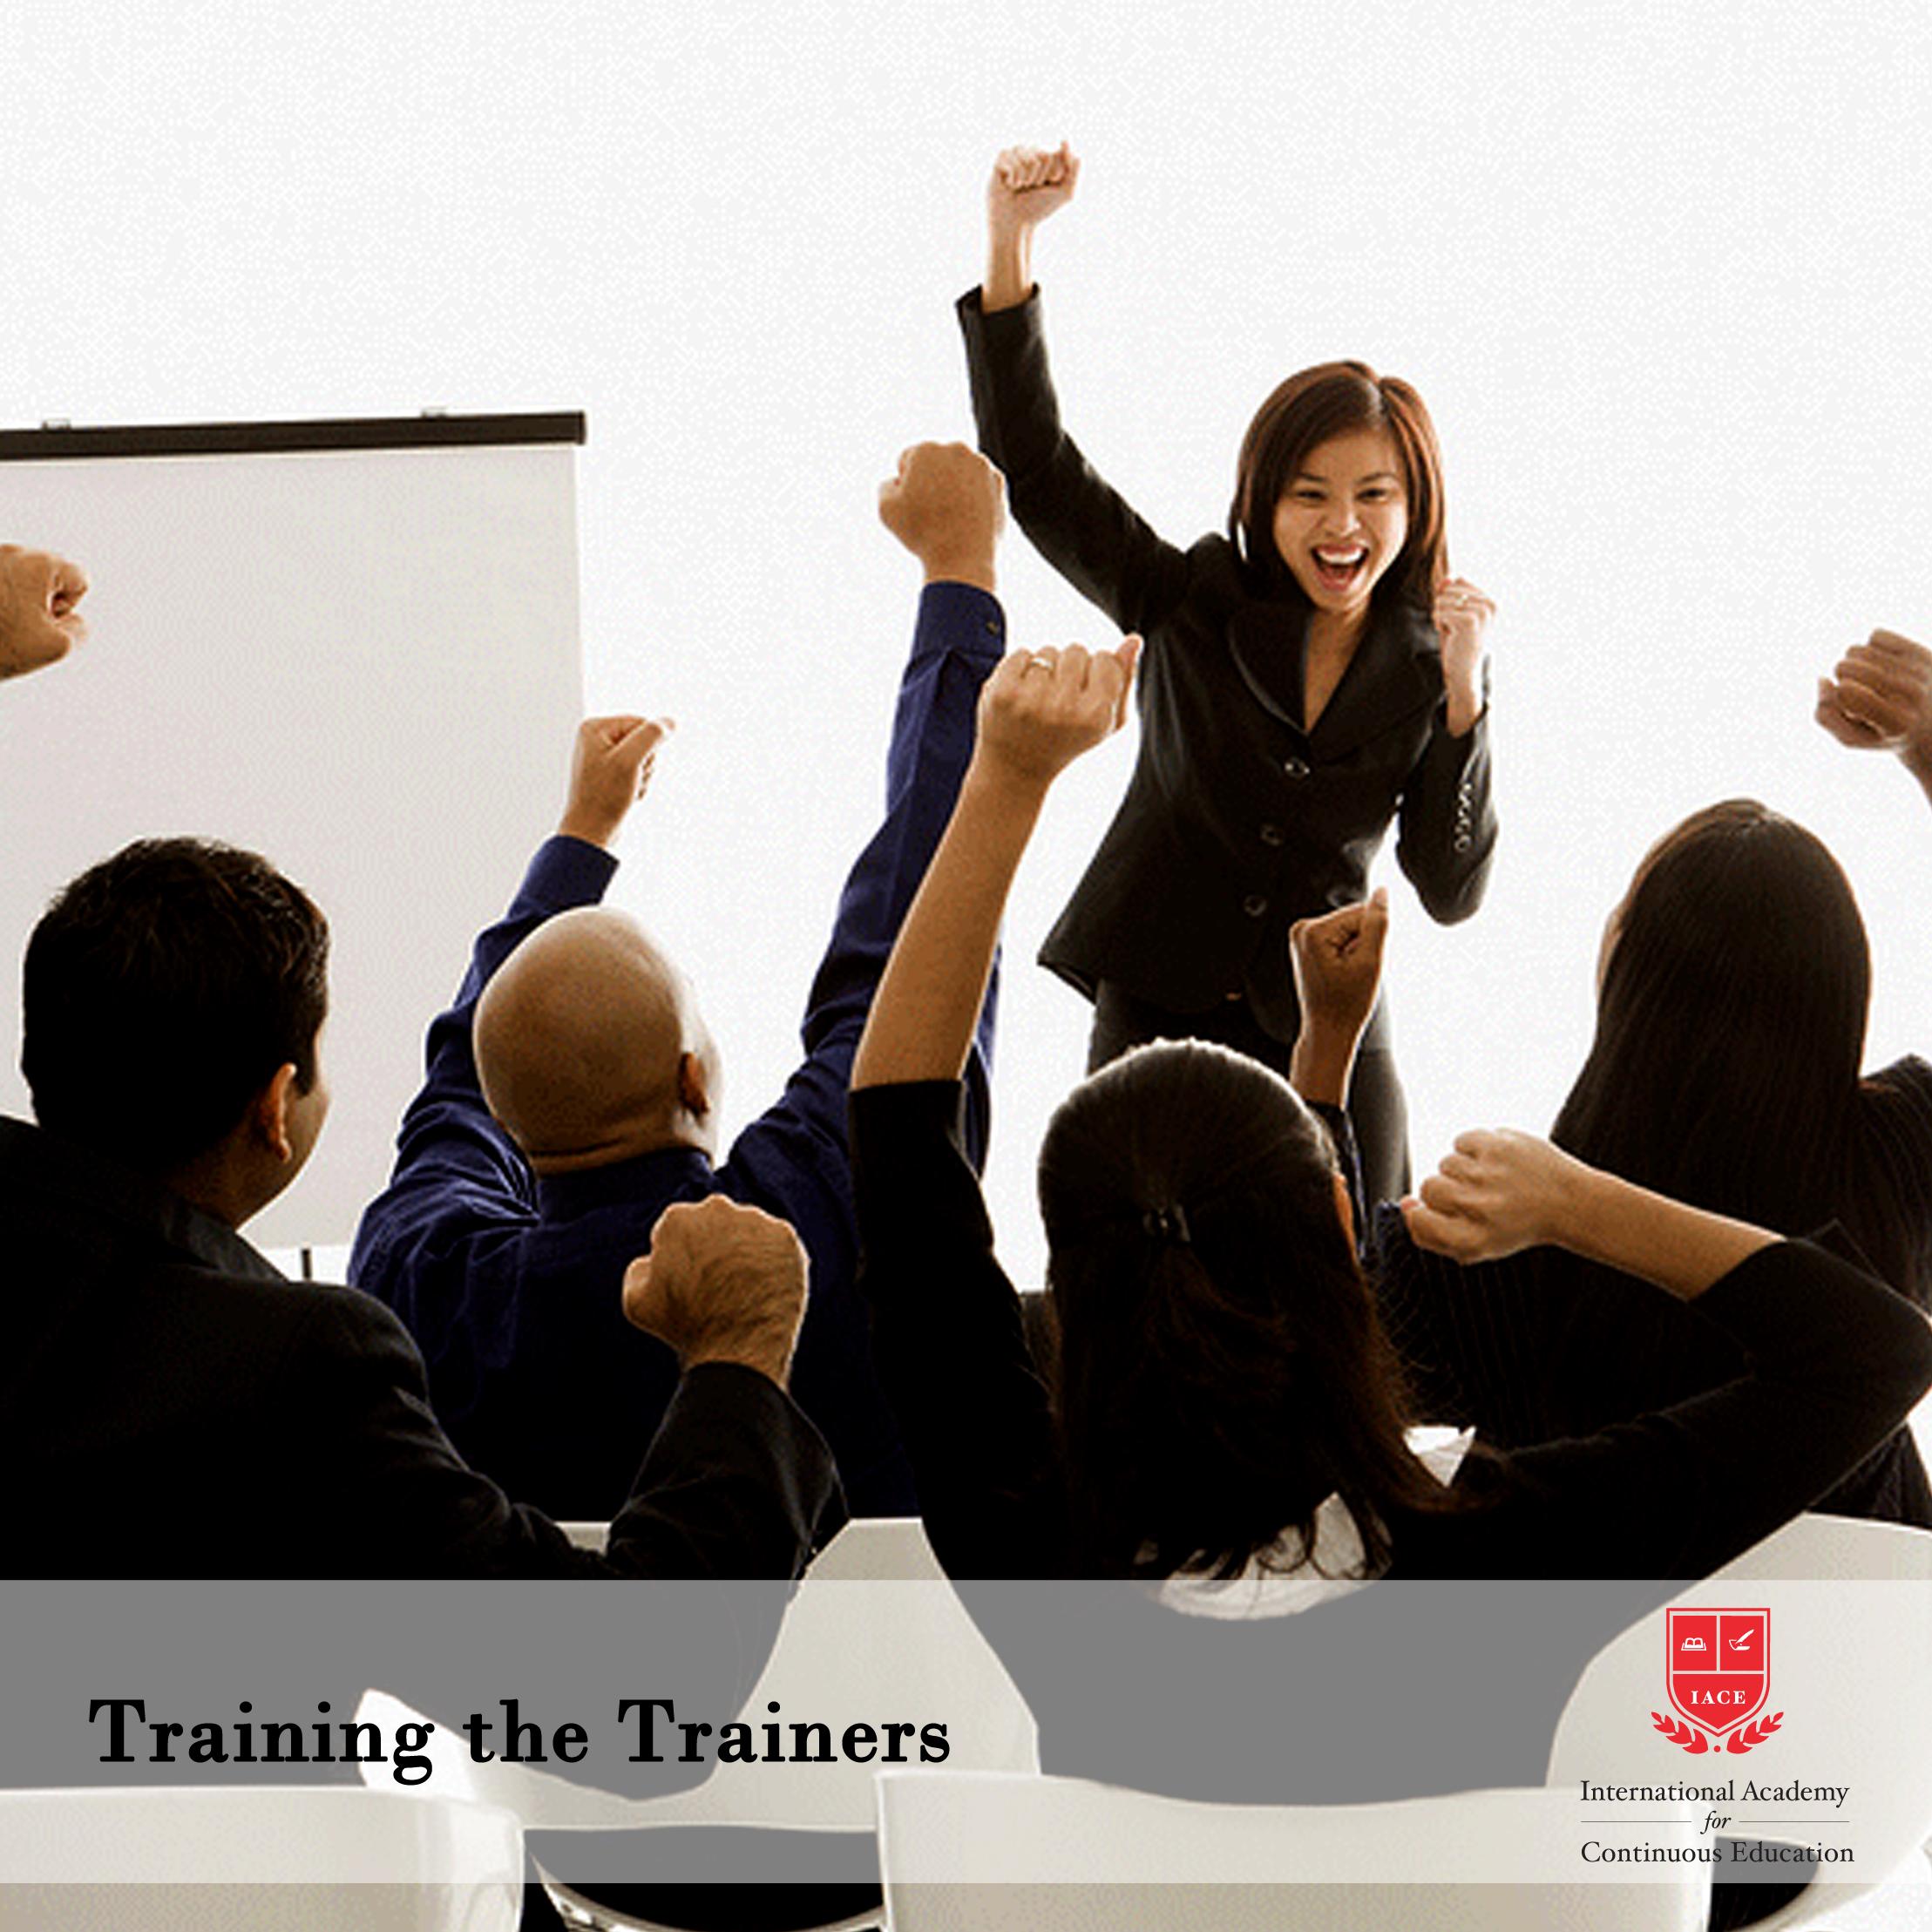 trainingthetrainers